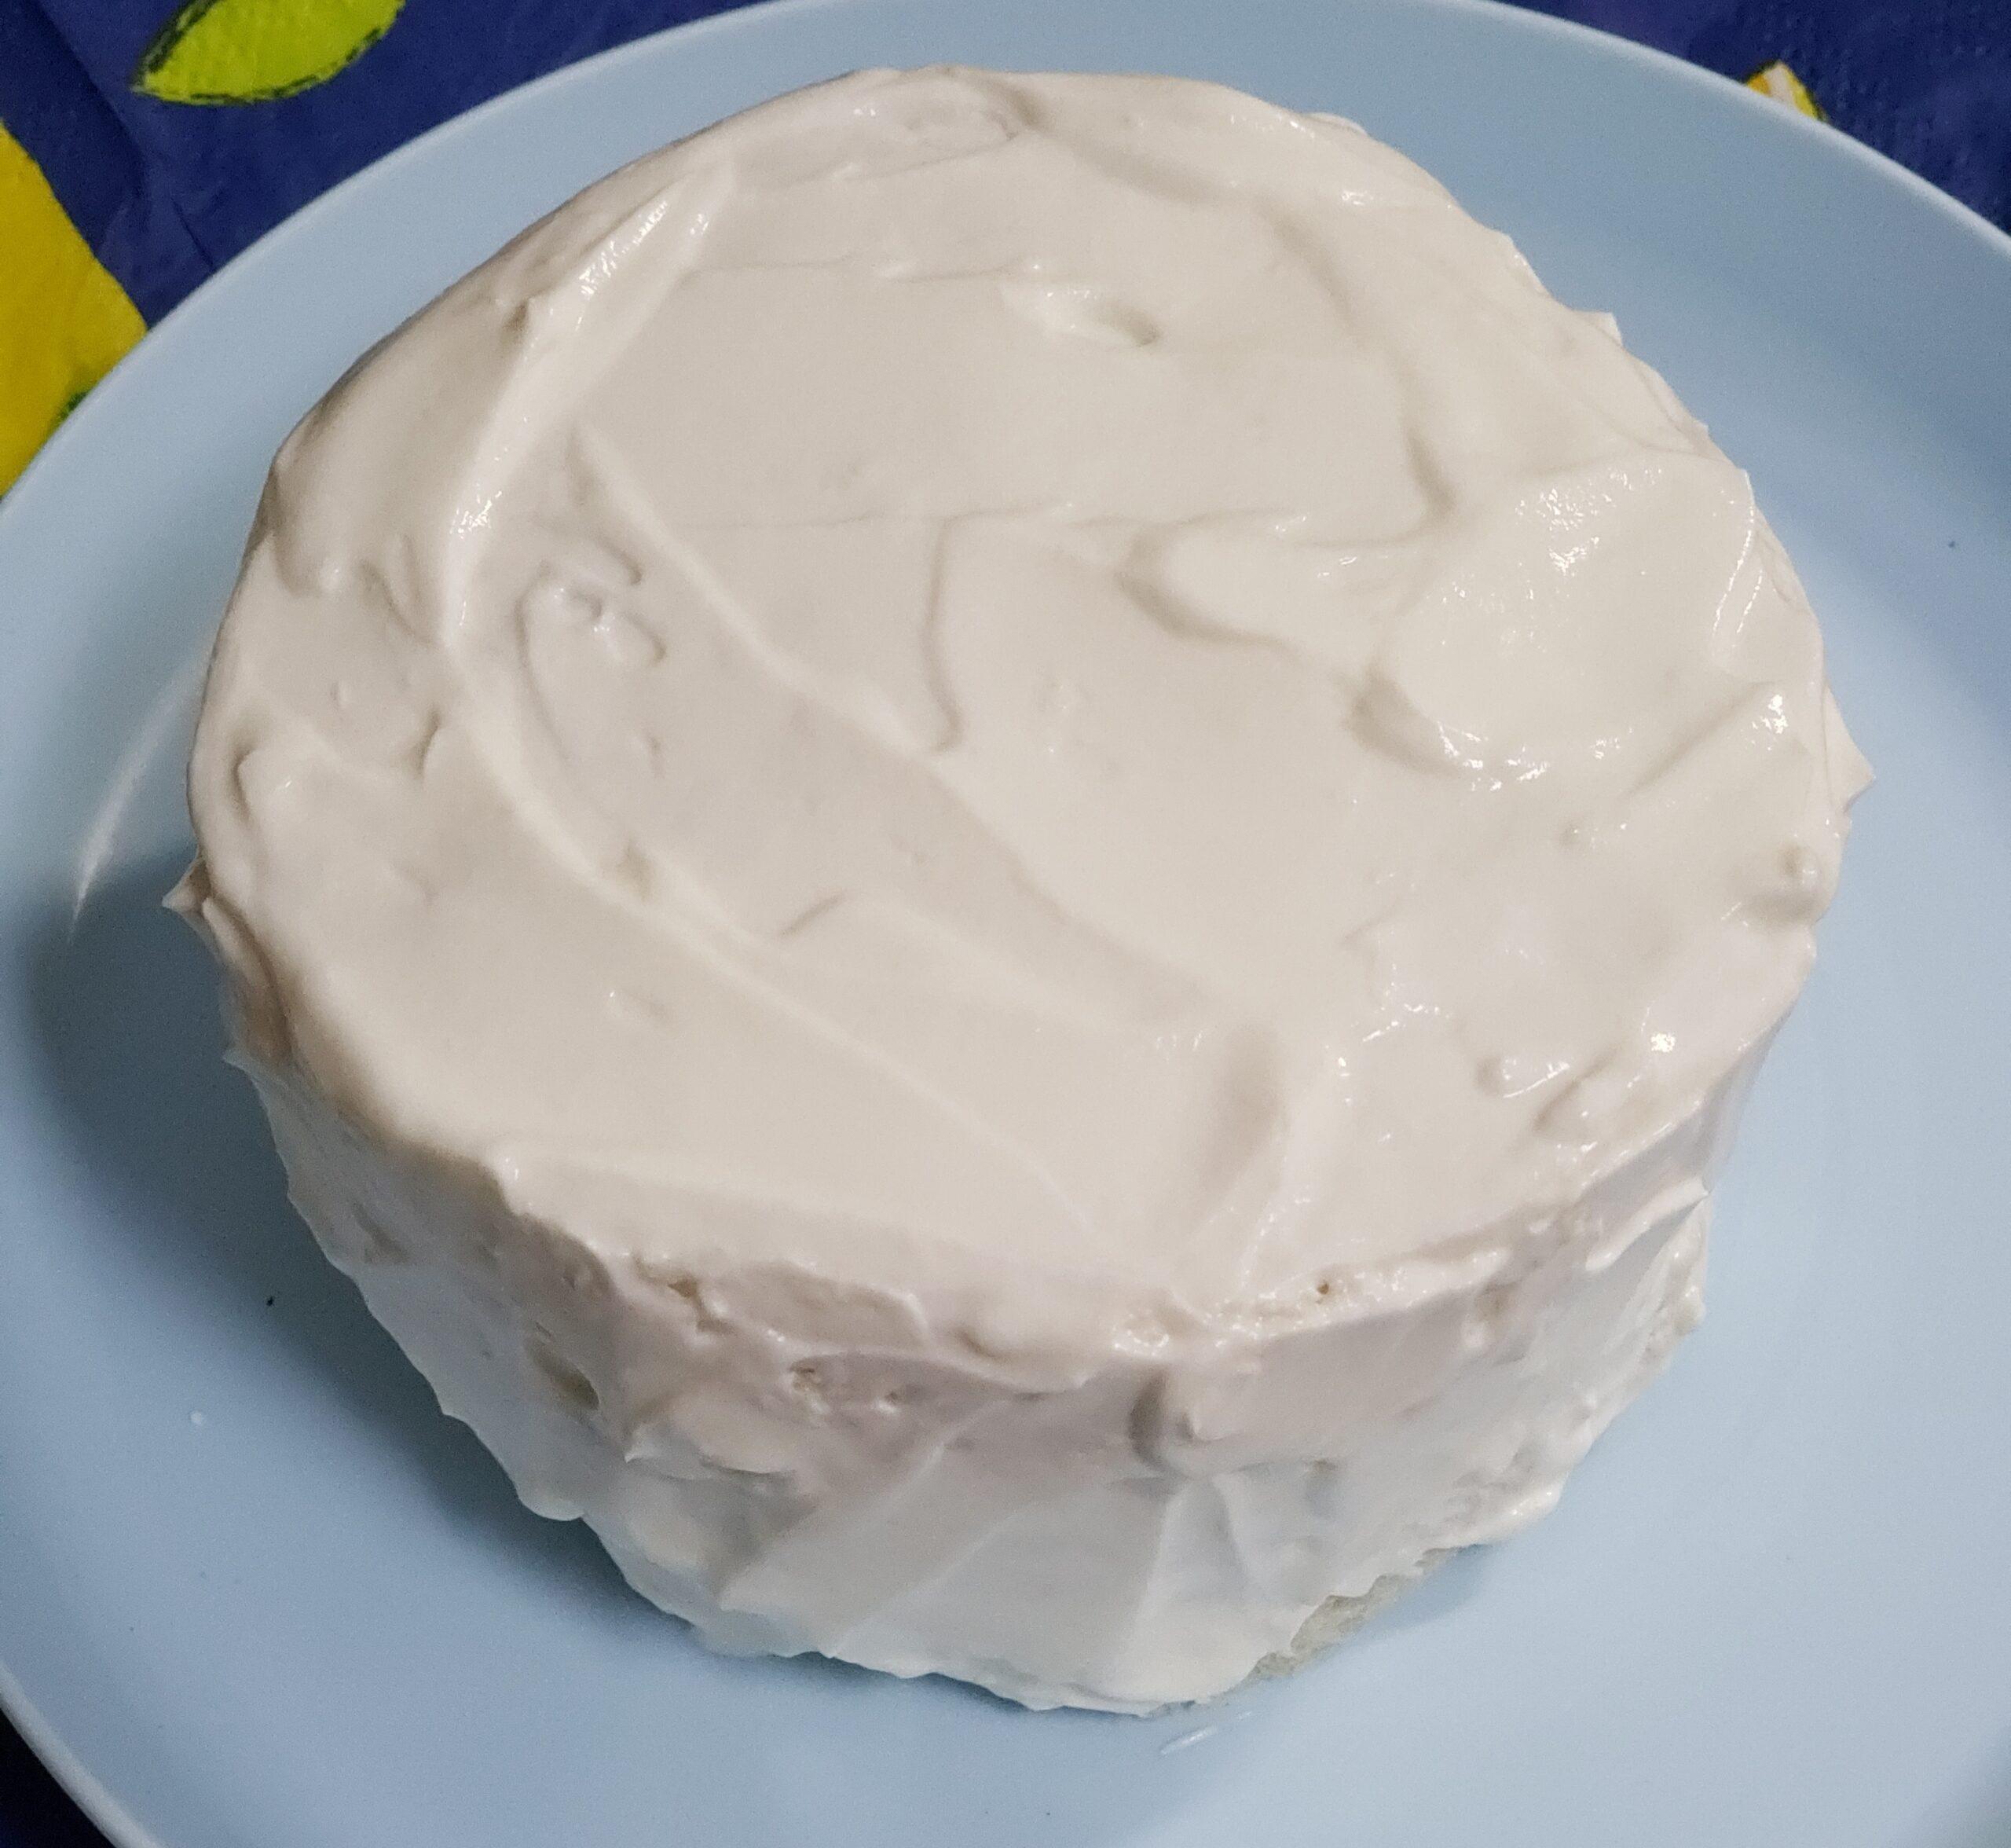 スマッシュケーキ作り中のクリームが塗られた食パン